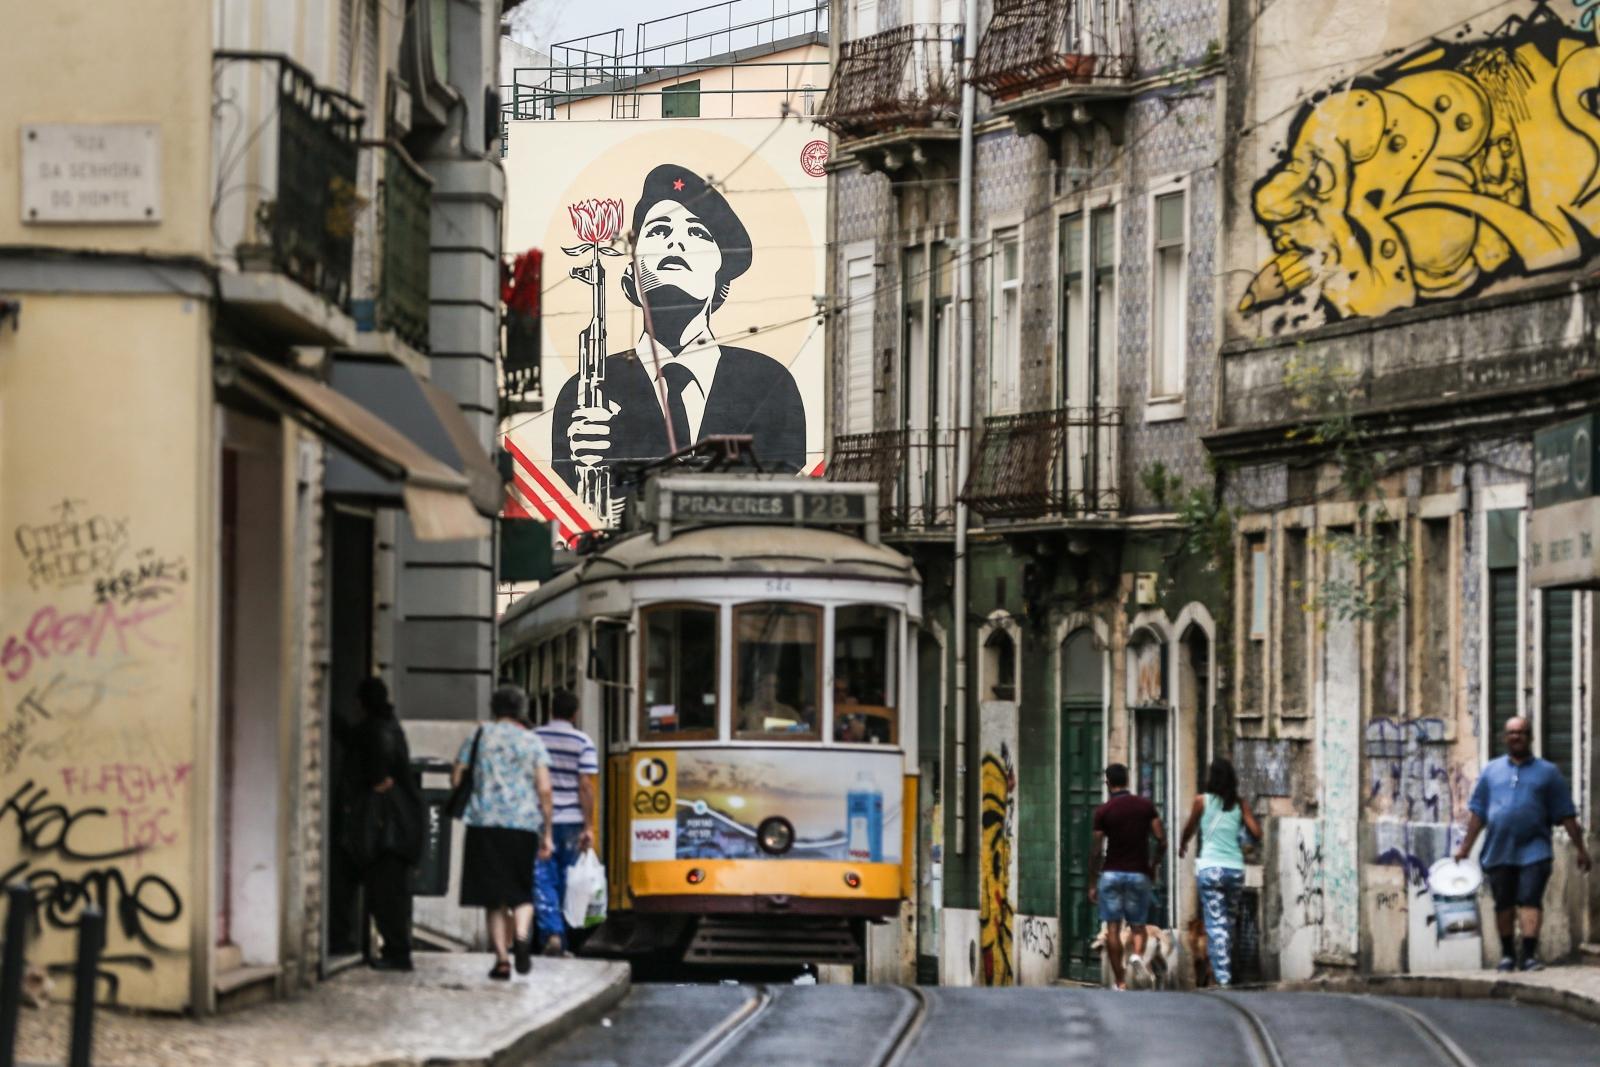 Wielki mural w Lizbonie, Portugalia